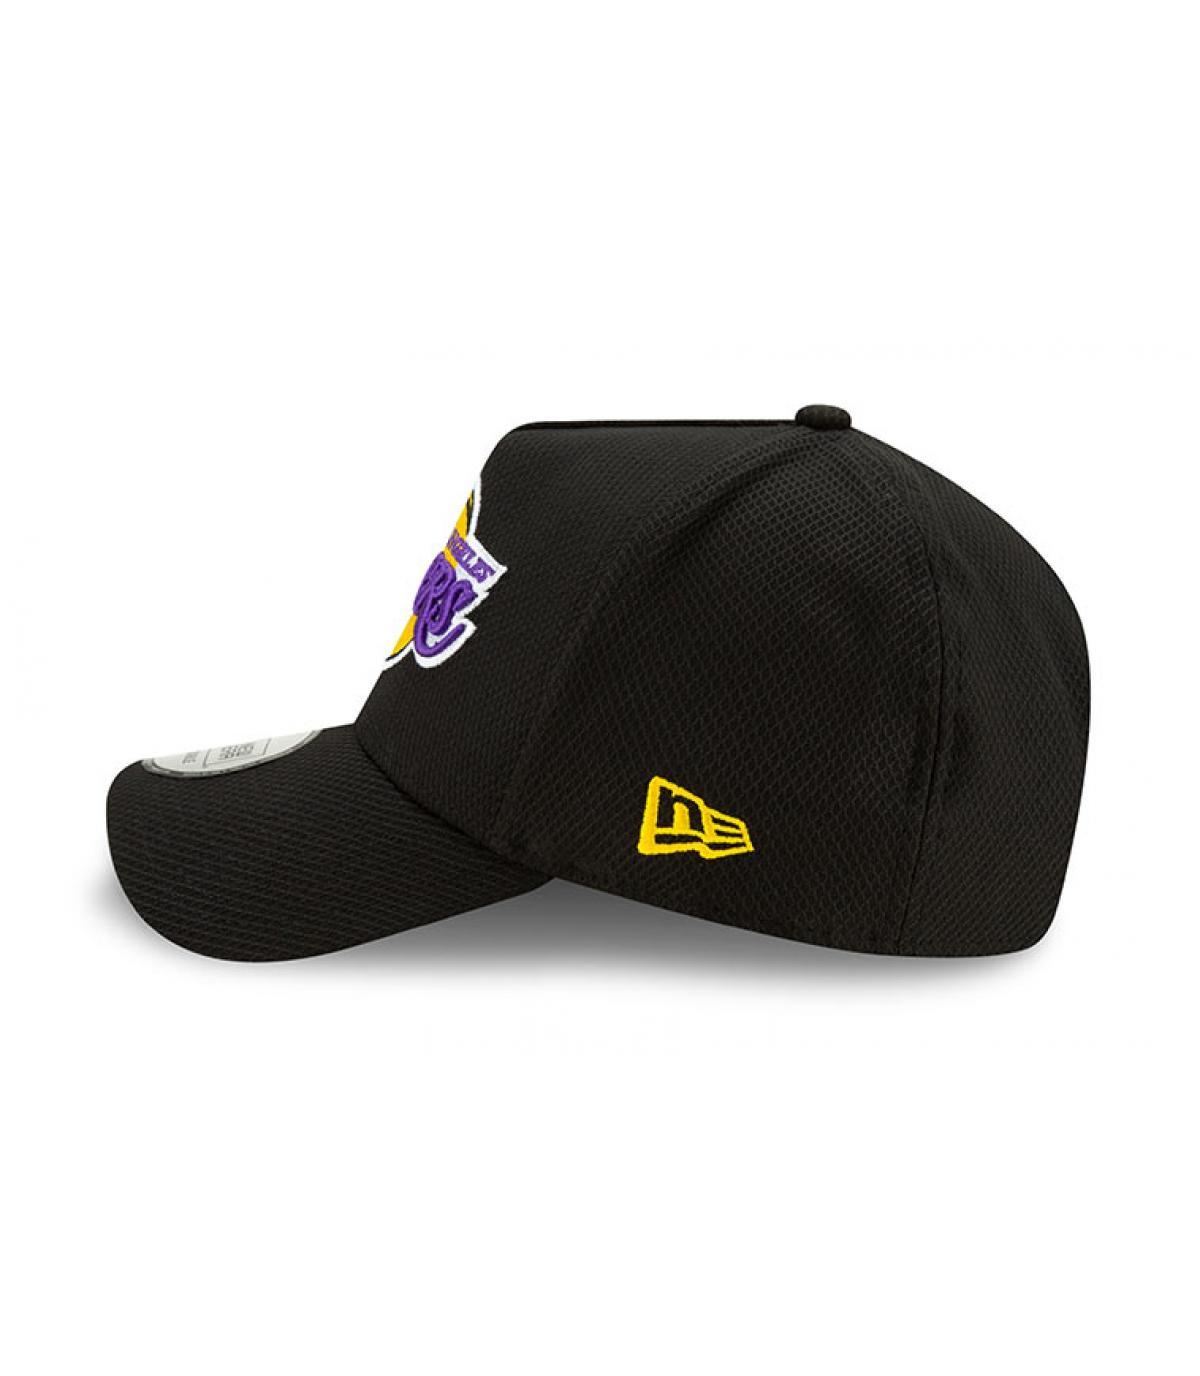 Détails Casquette League Ess Lakers Diamond Era Aframe - image 5